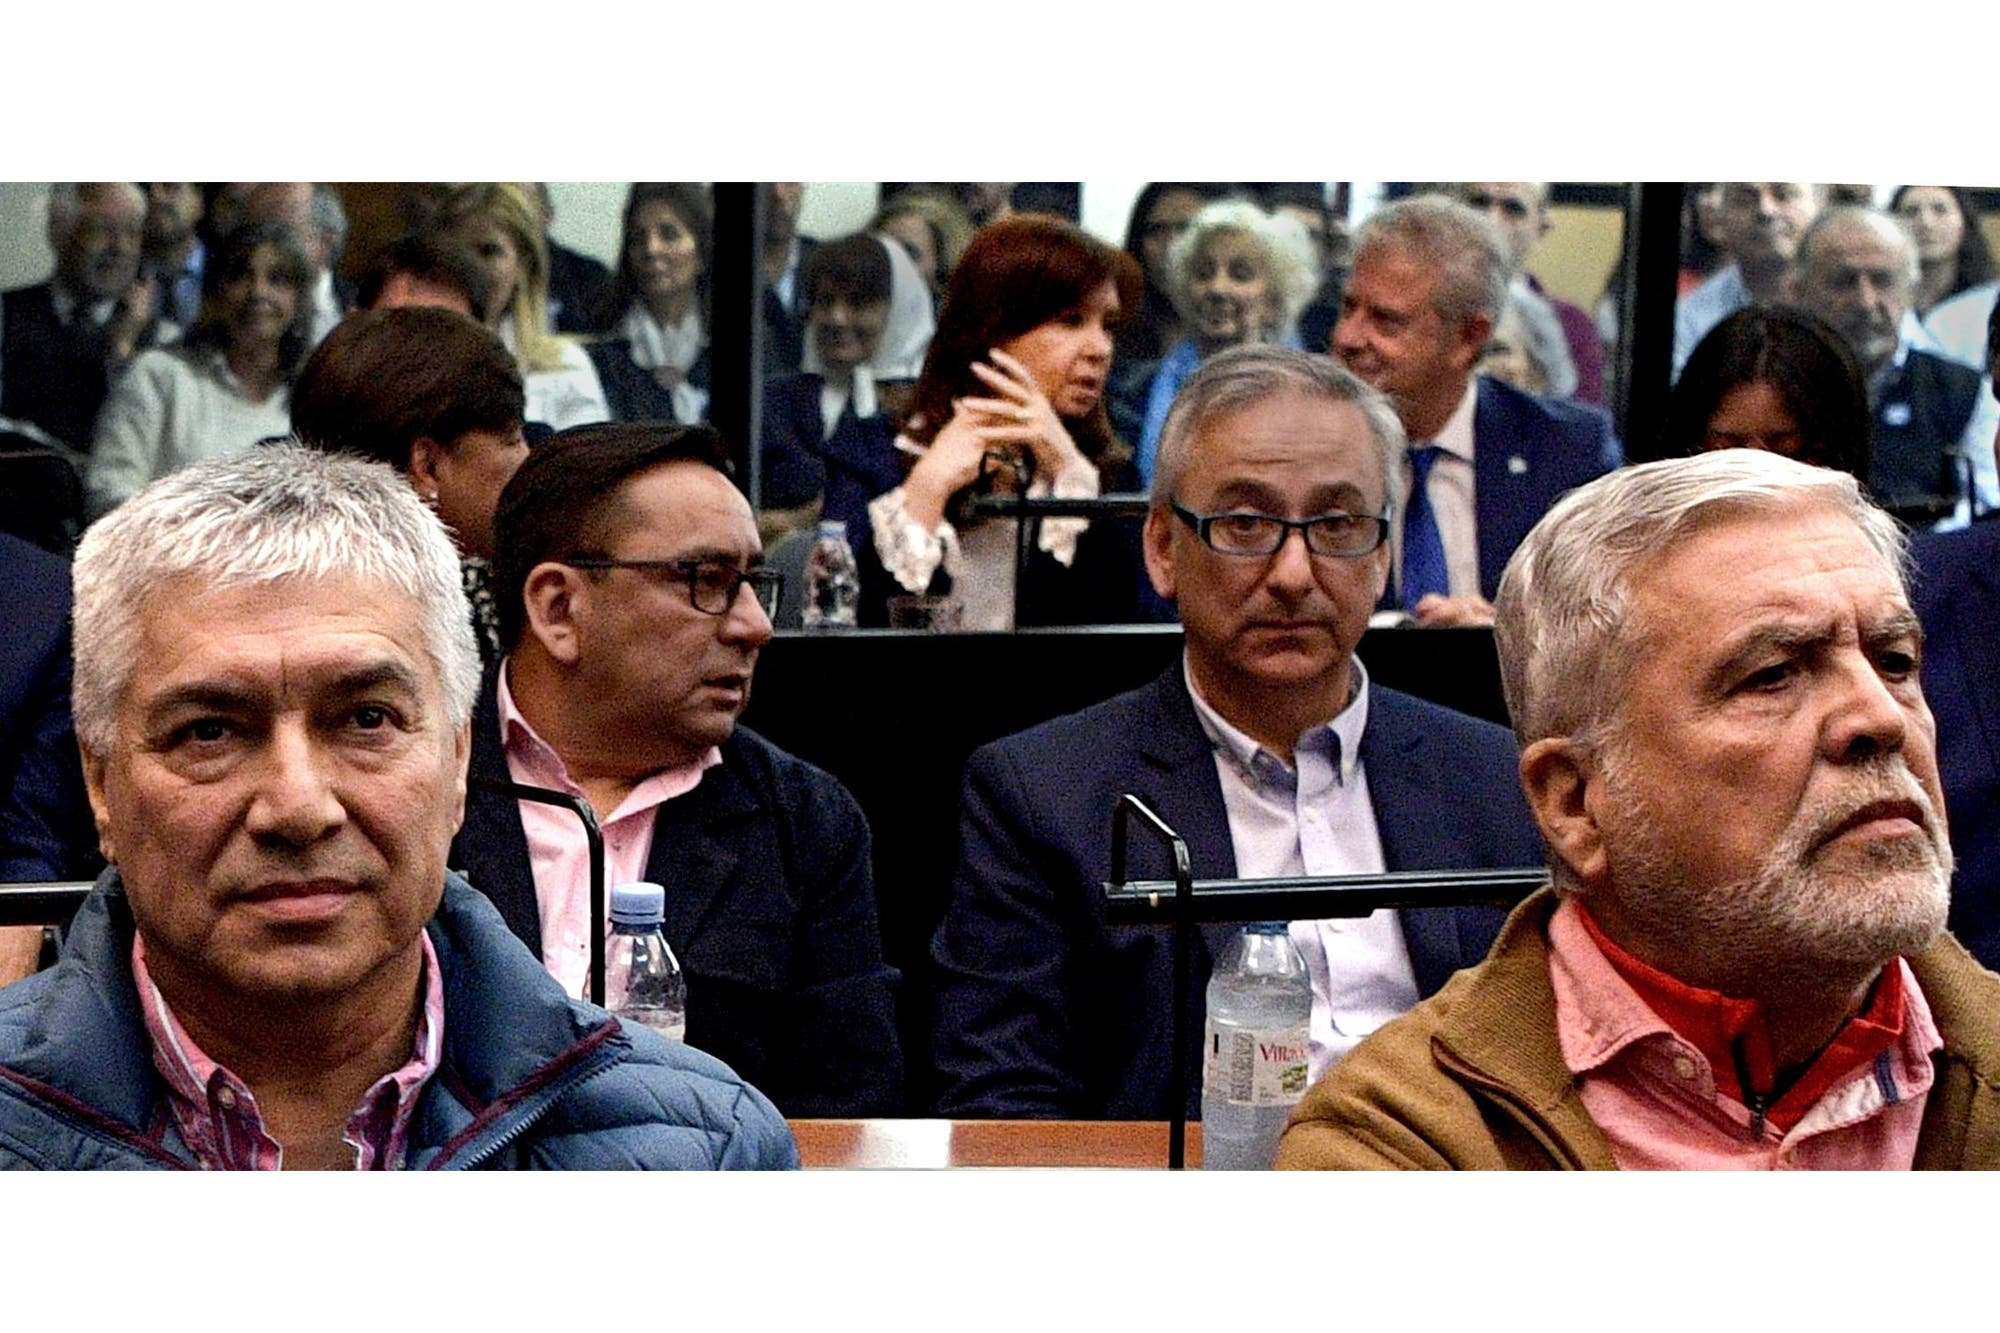 Nueve cartas en manos de la Corte: los recursos de queja que pueden derribar el juicio contra Cristina Kirchner